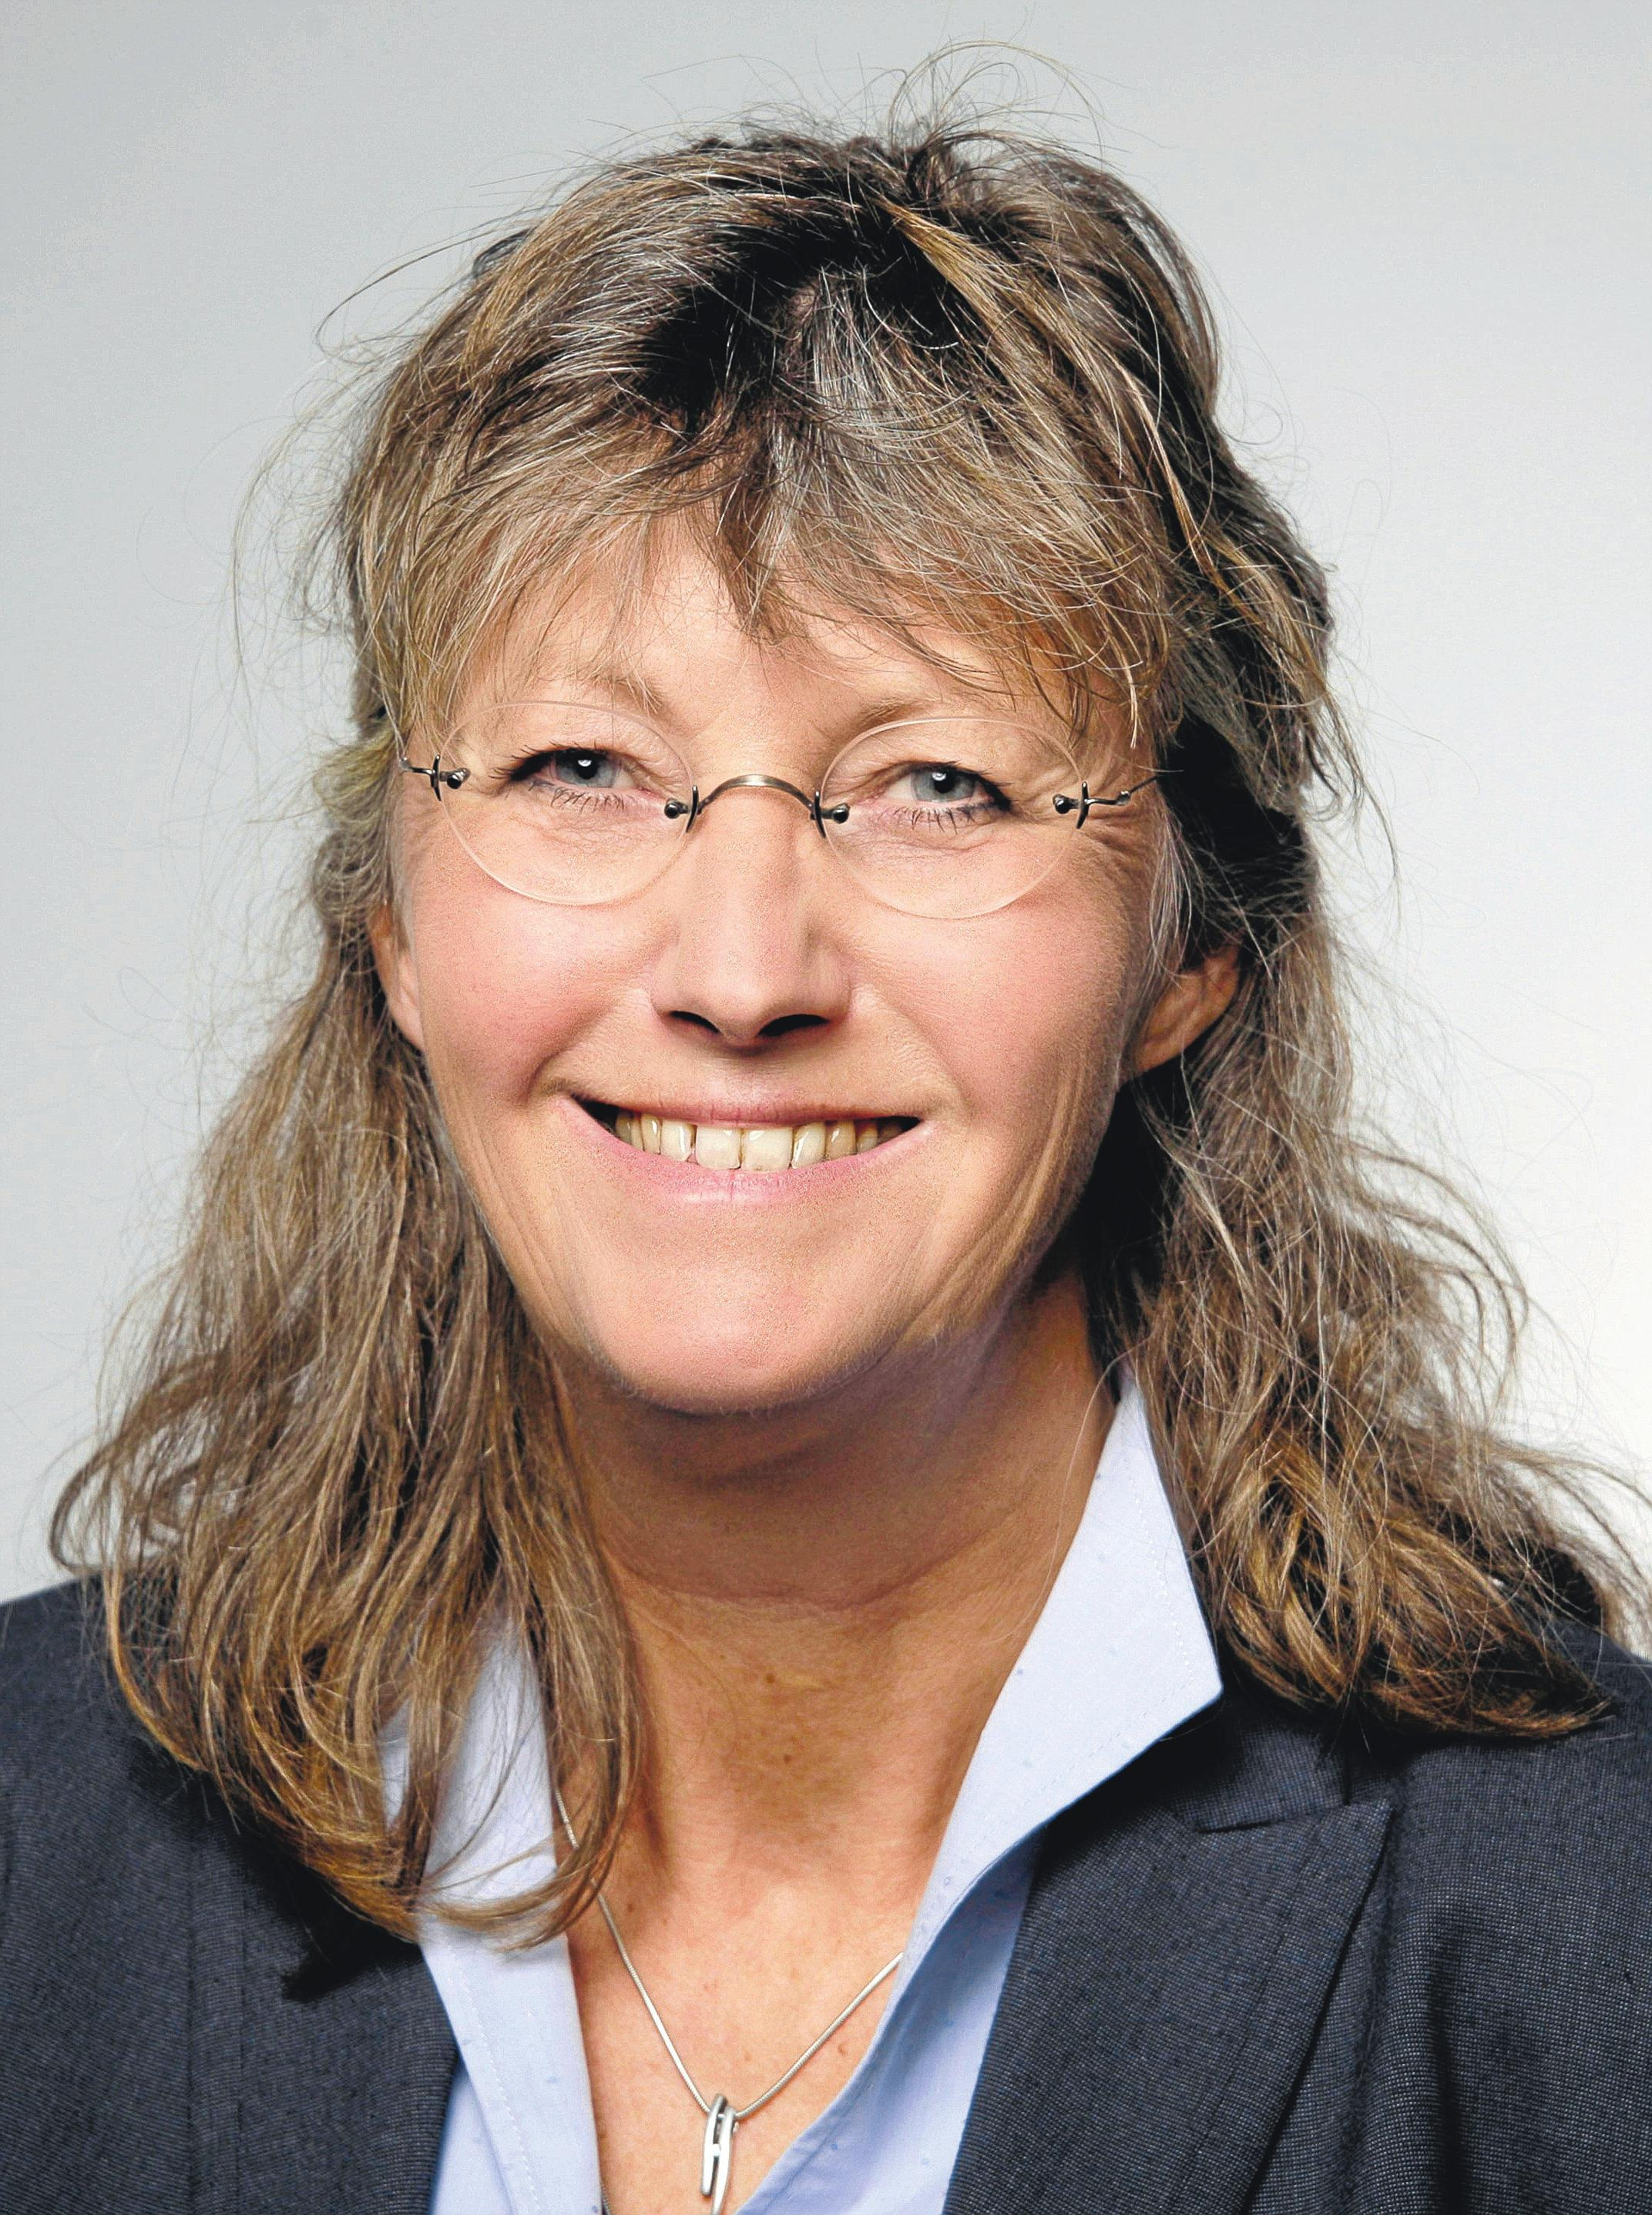 Karriereberaterin Angela Schütte gibt Tipps auf der 2. Virtuellen Berufsmesse. Foto: privat